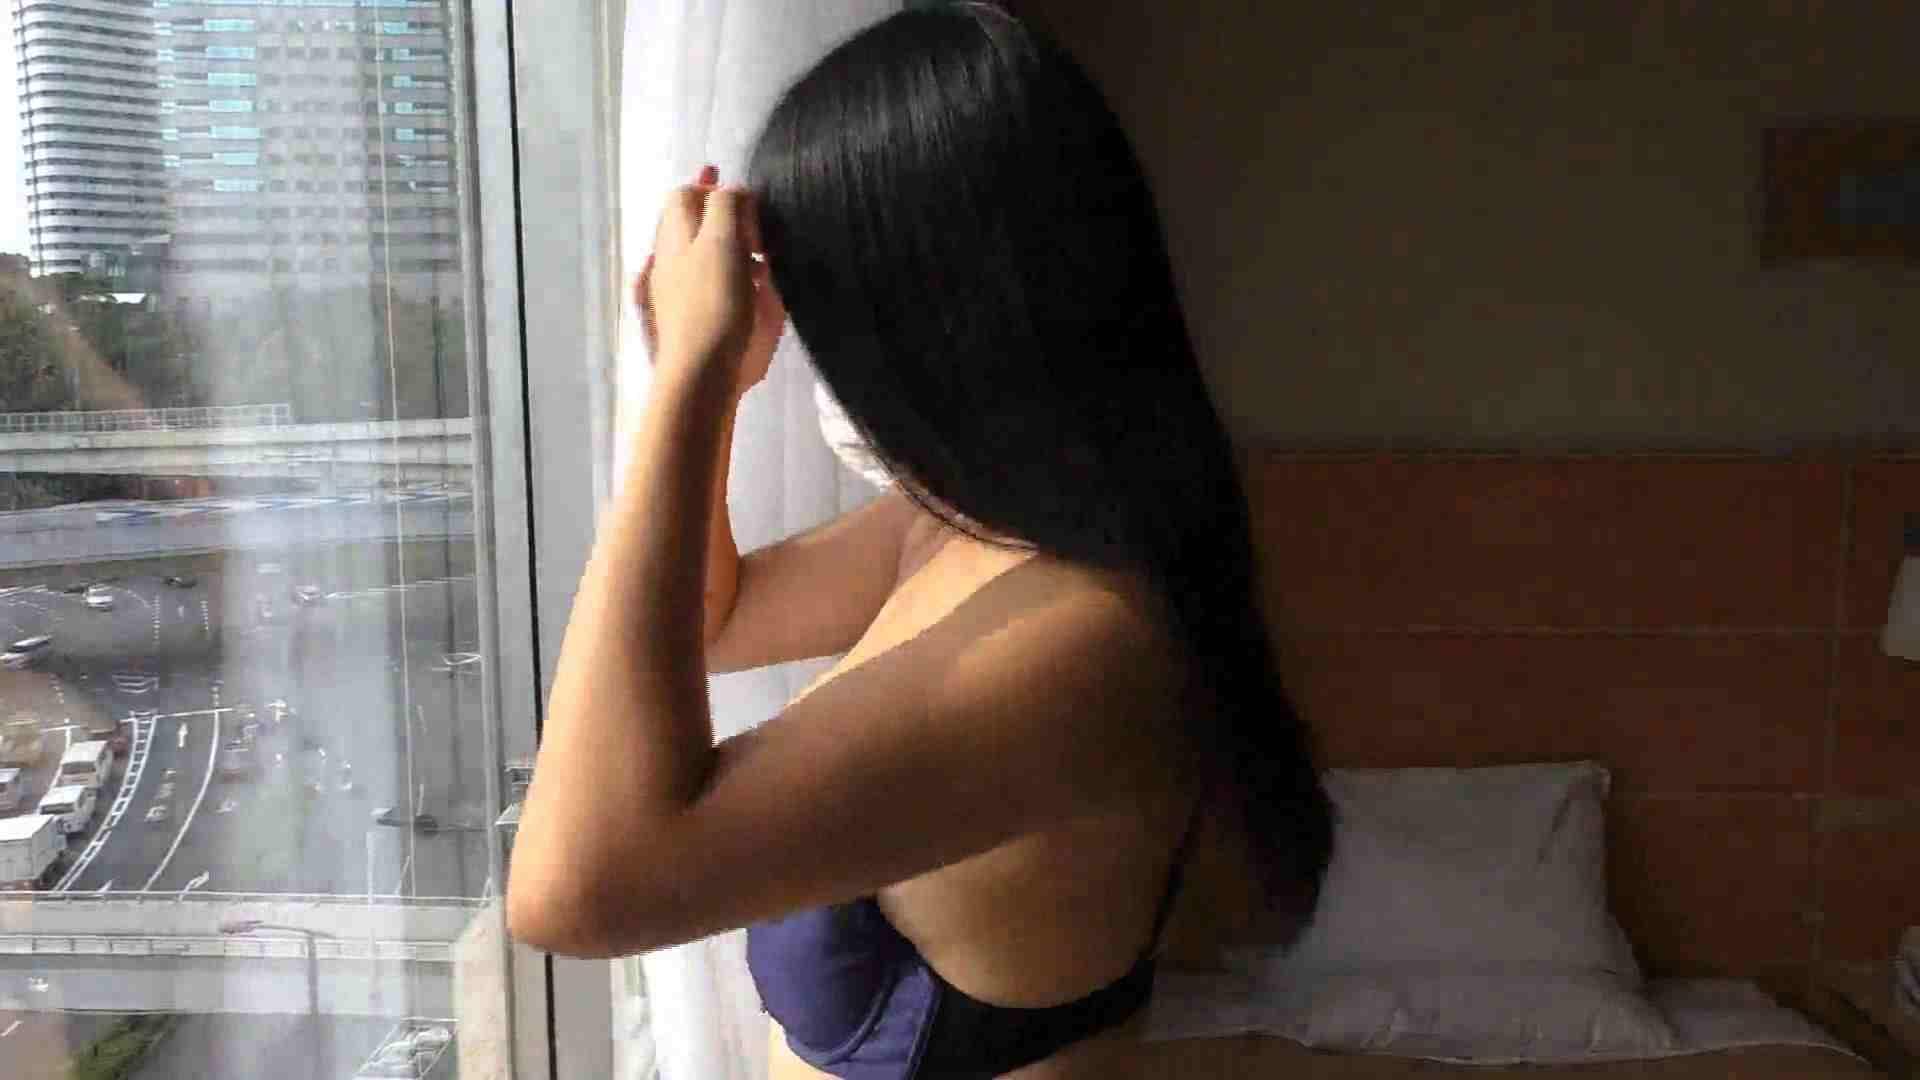 素人S級美女特選!小悪魔ギャル噂のビッチガールVol.22 一般投稿 AV無料動画キャプチャ 105pic 32